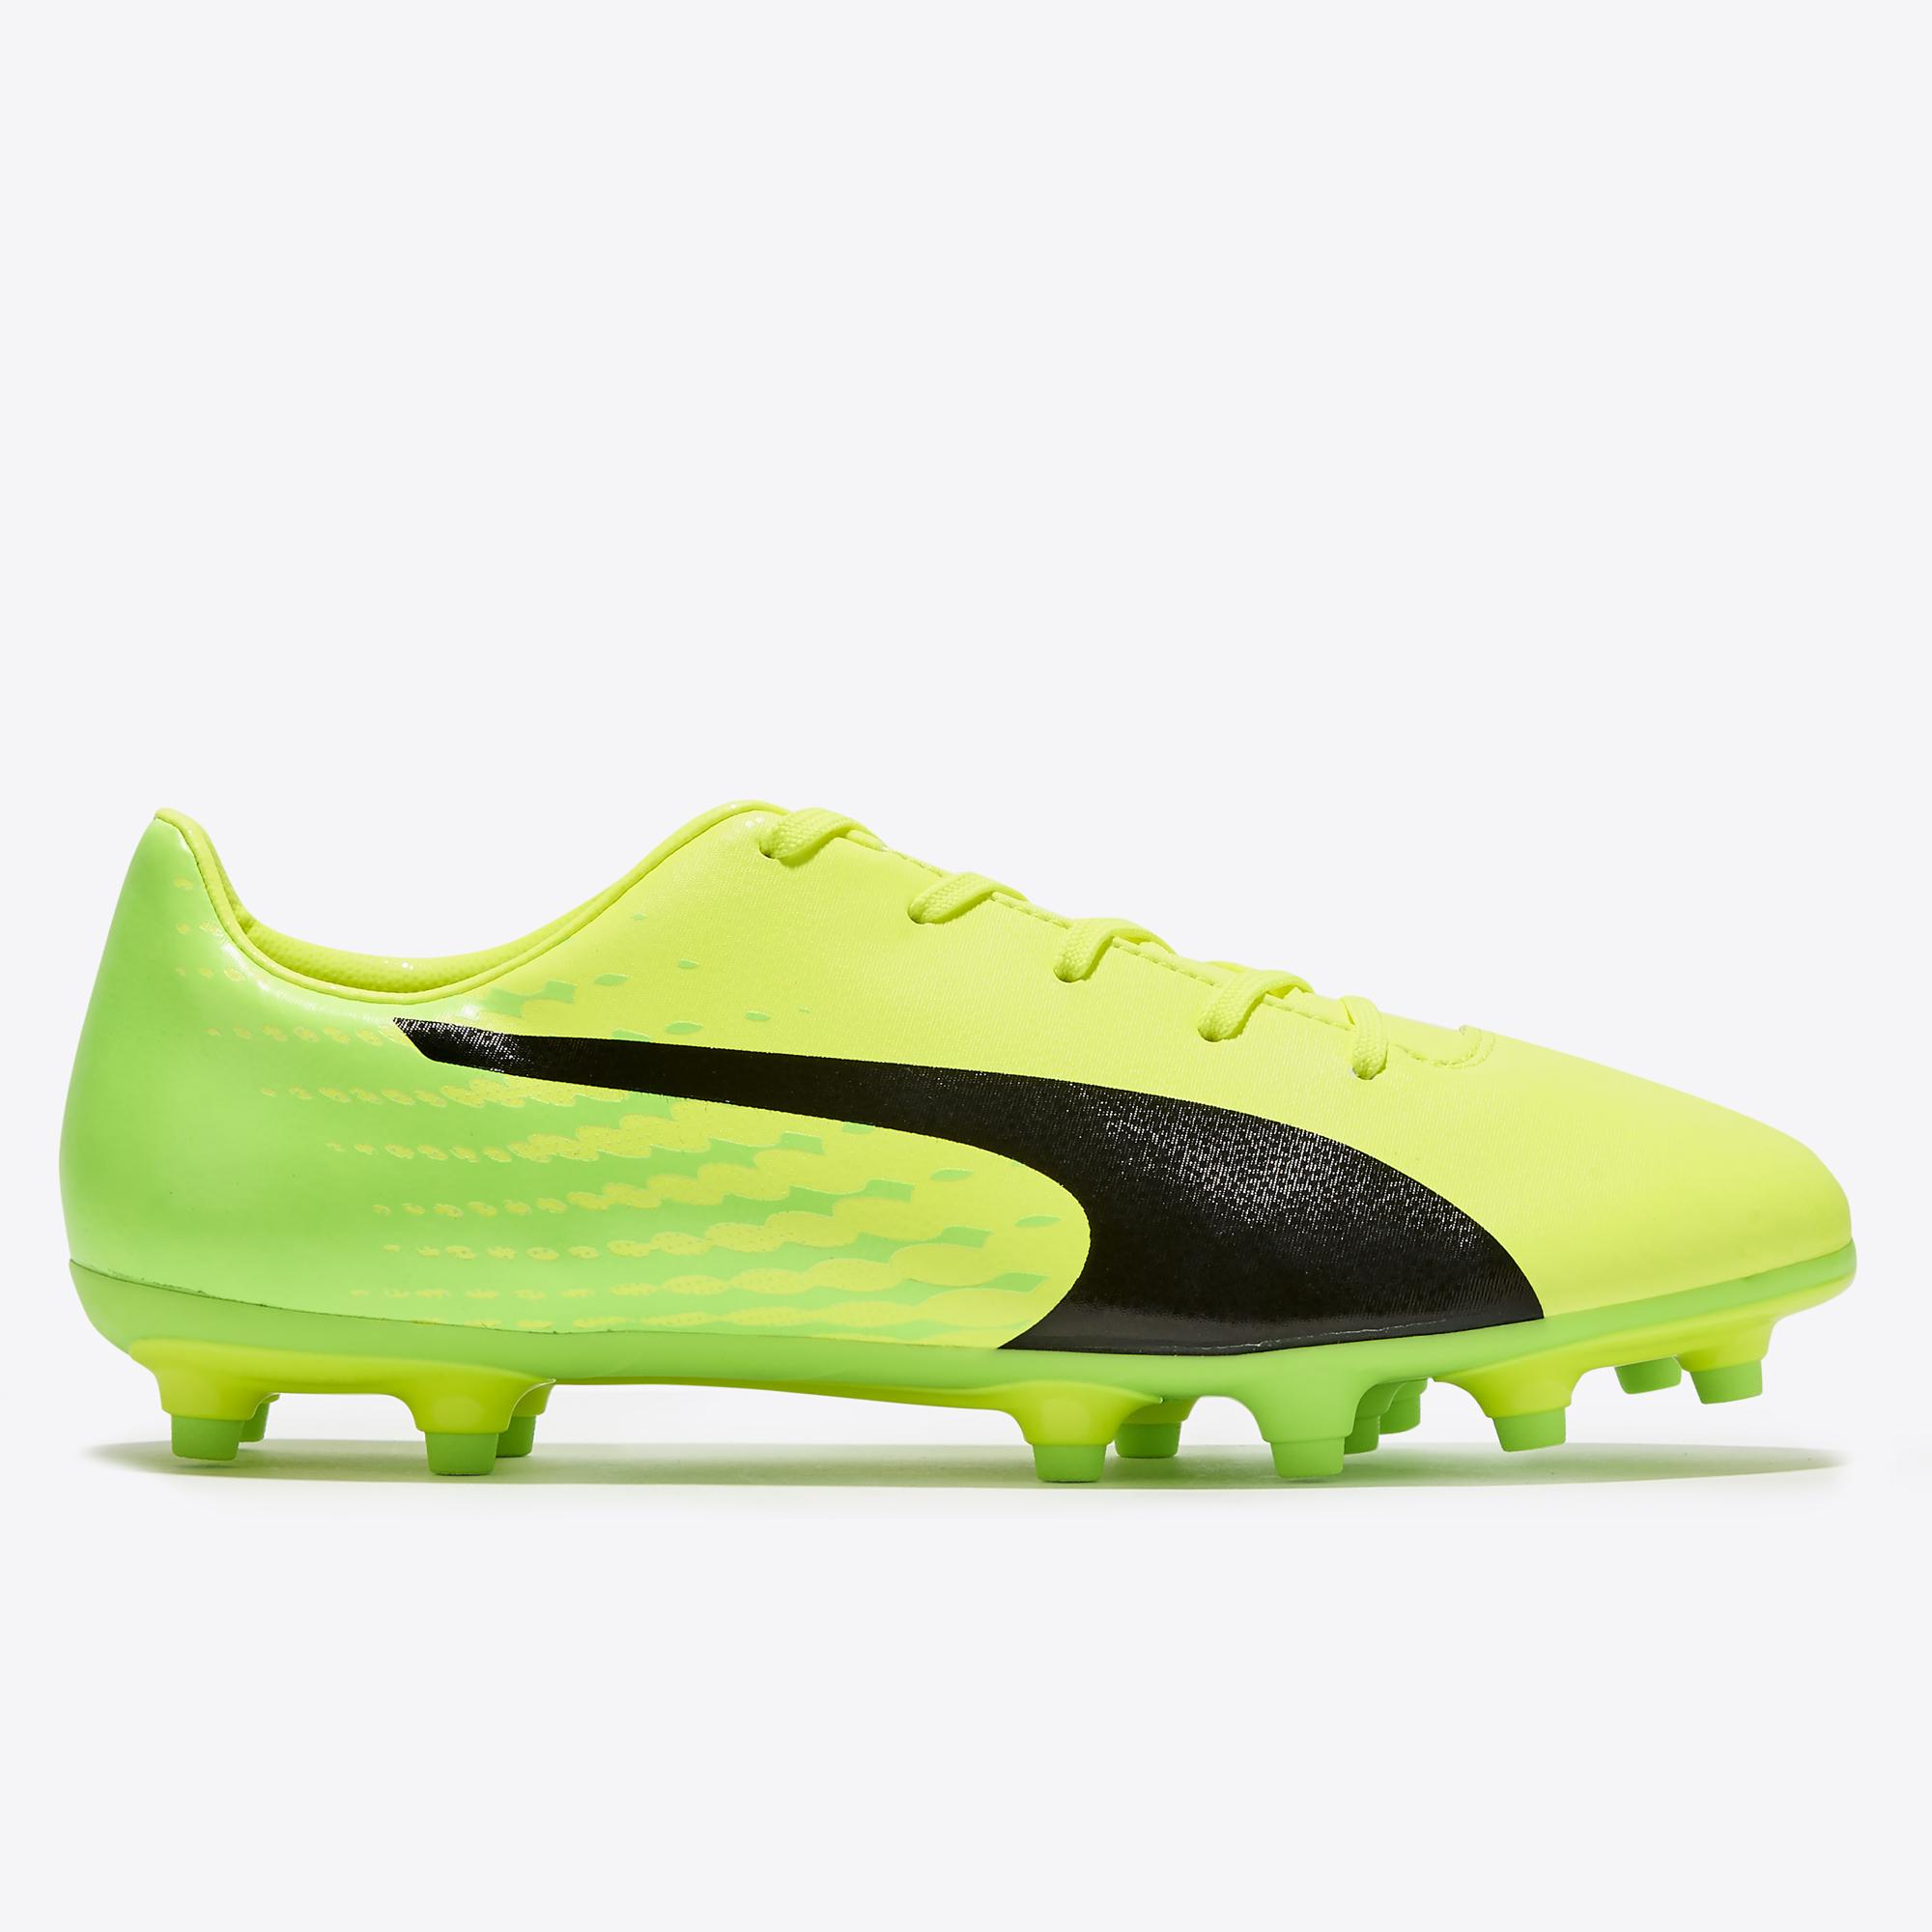 Puma evoSPEED 17.5 FG Safety Yellow/Black/Gr